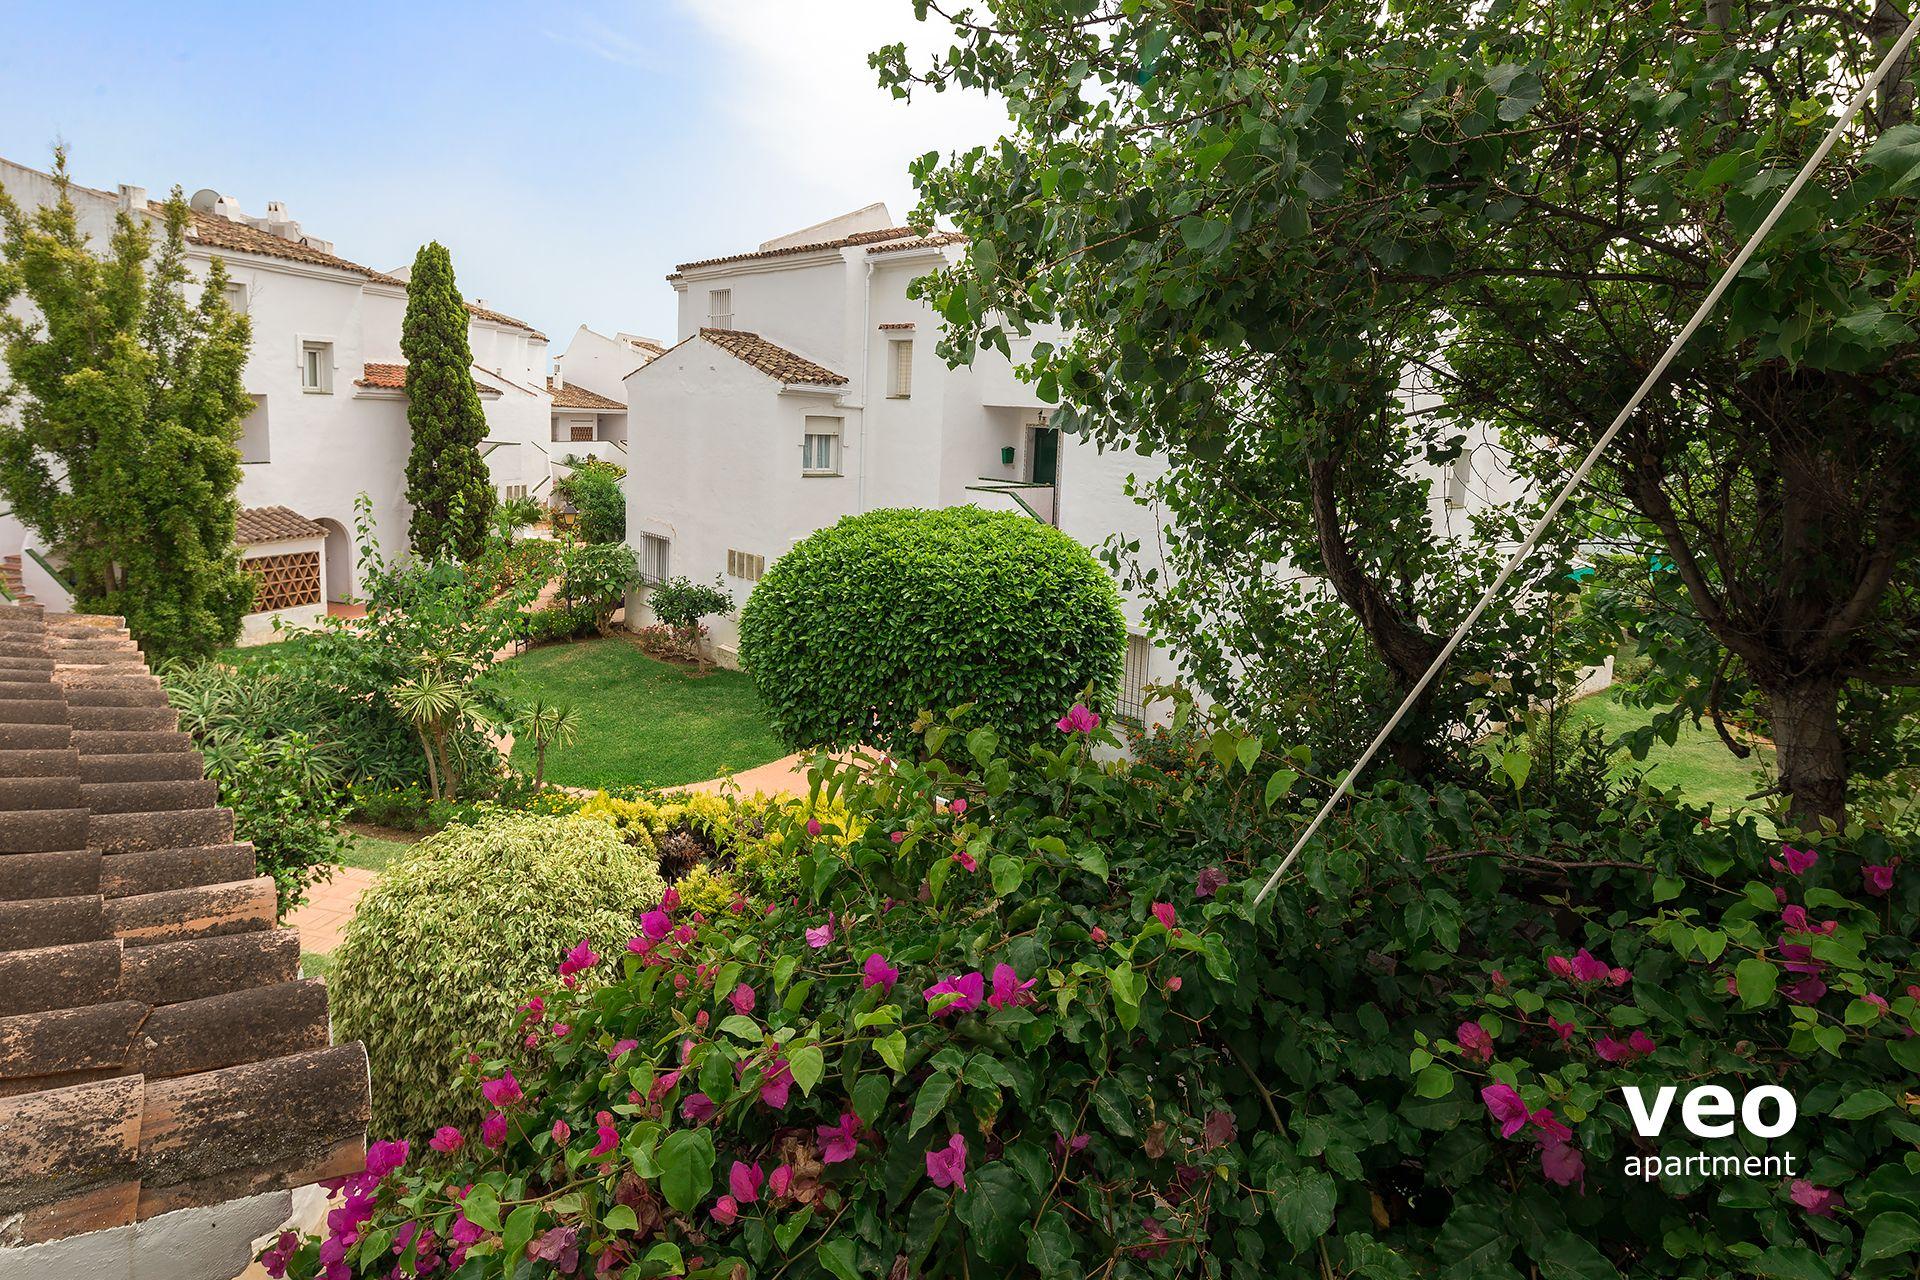 Apartment mieten Lunamar Urbanización Marbella Spanien Lunamar 2 ...